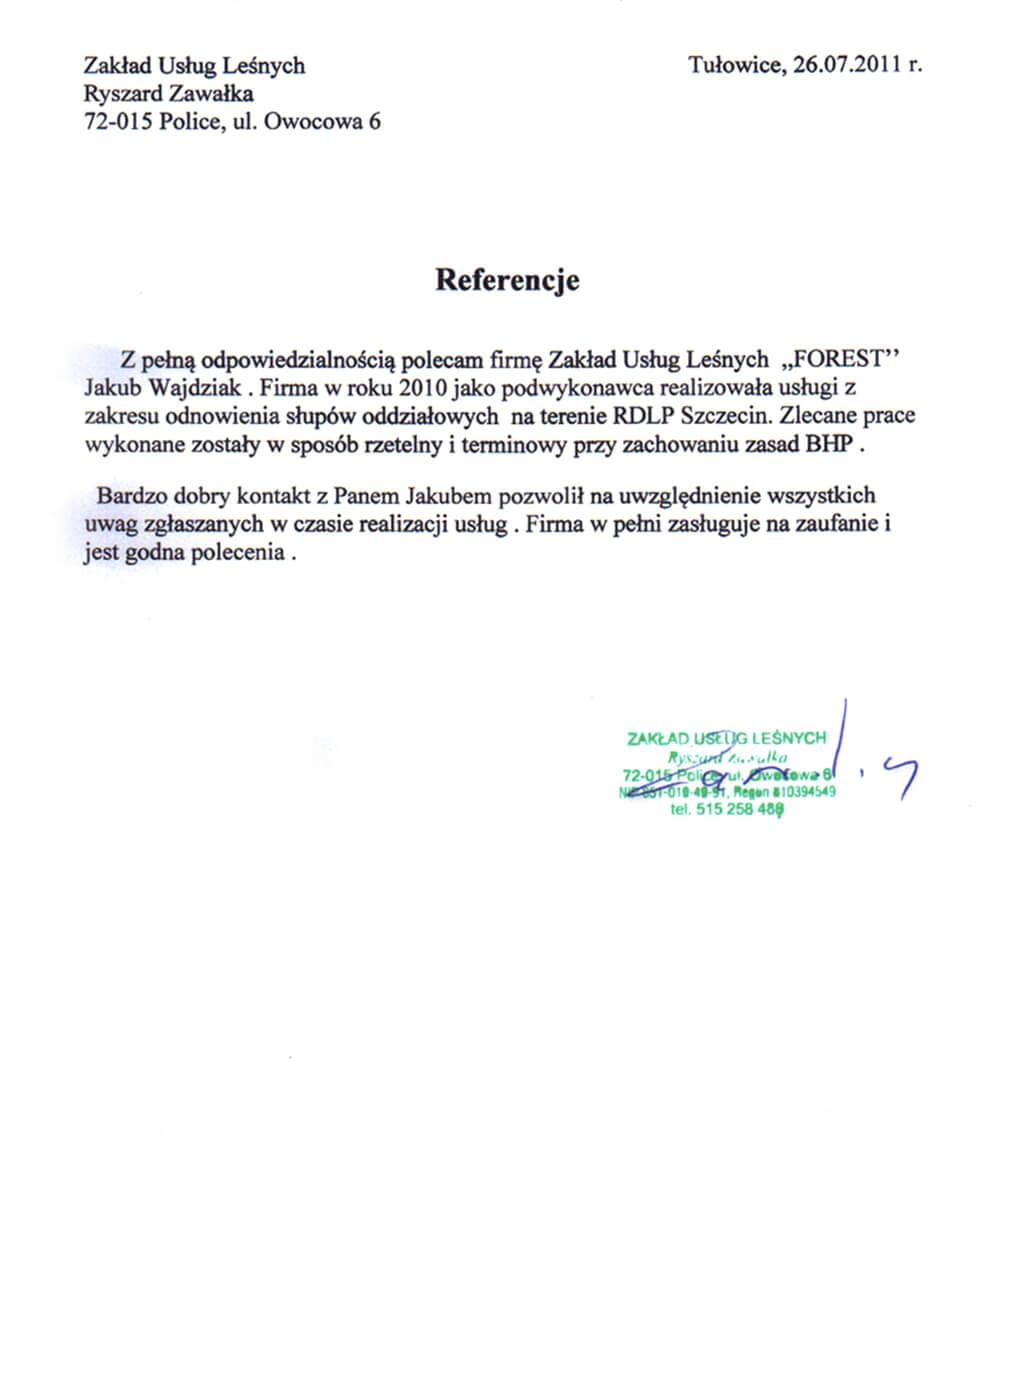 referencje zawałka odwodnienie słupów oddziałowych